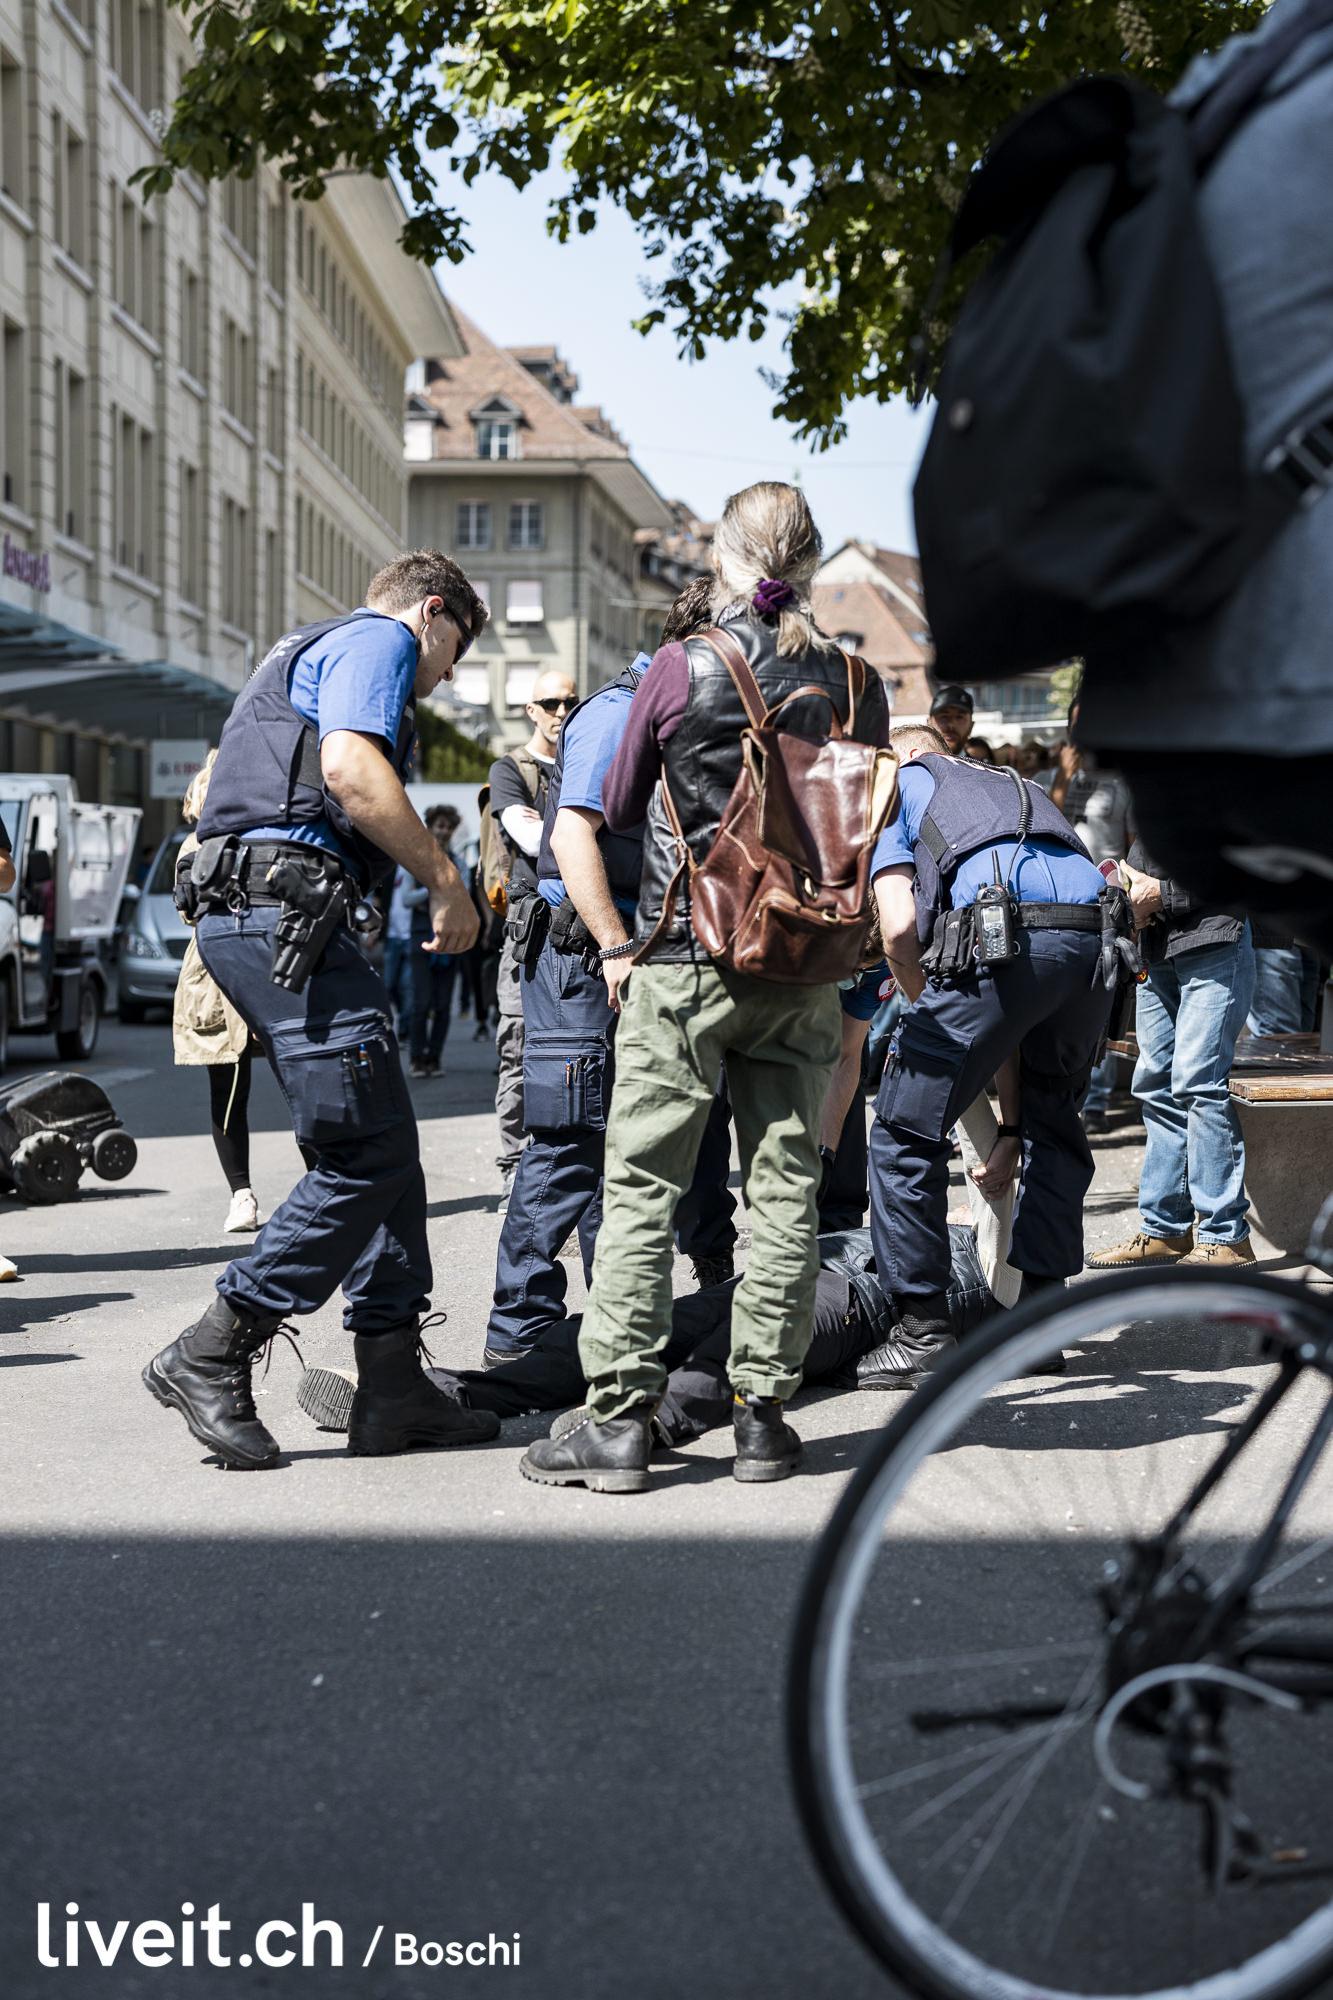 Demonstration gegen die Massnahmen des Bundes bezgl Covid19(liveit.ch/boschi)